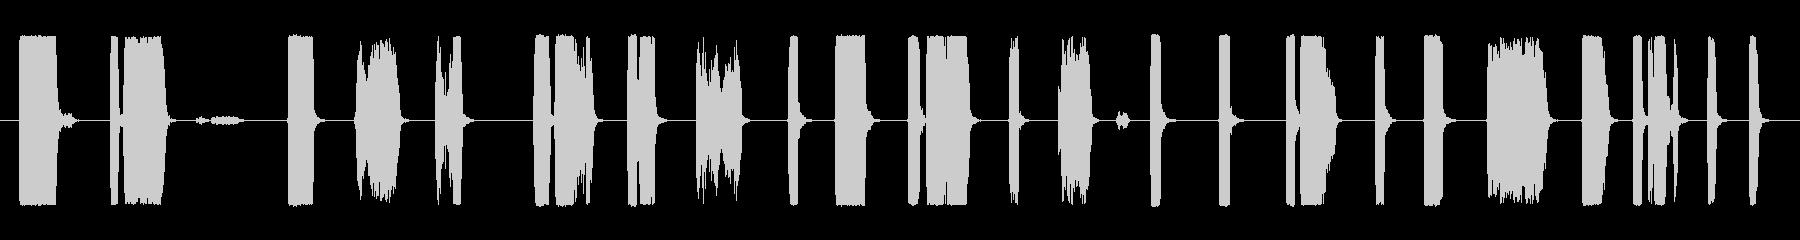 ホイッスルブロー軍用の未再生の波形